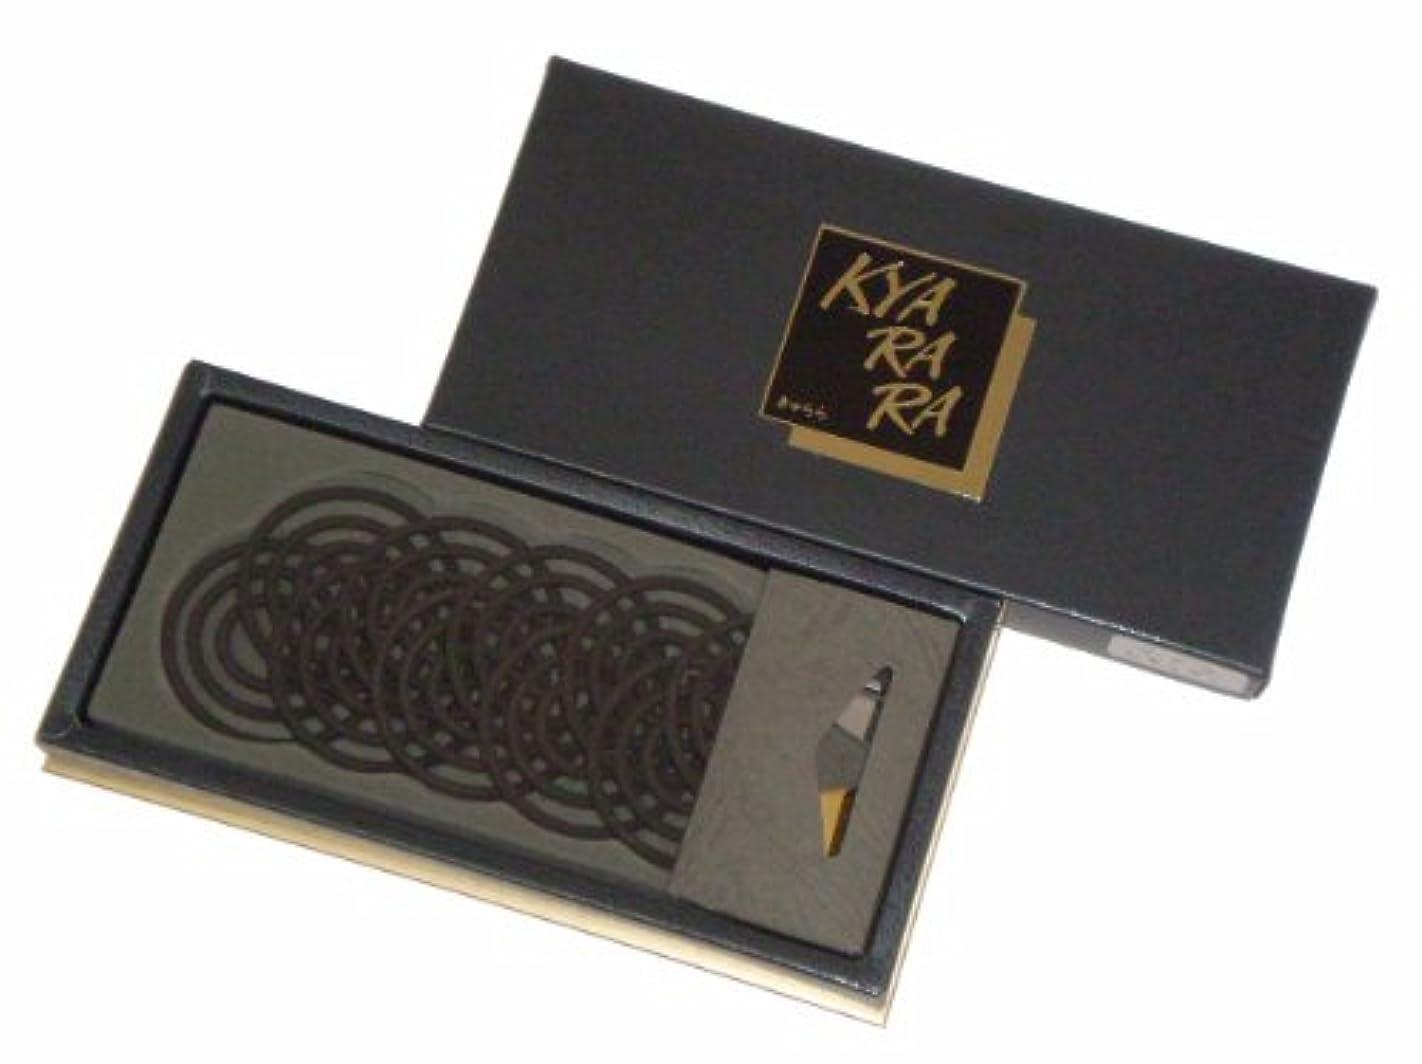 宣言する夢中義務玉初堂のお香 キャララ コイルレギュラーセット #5234